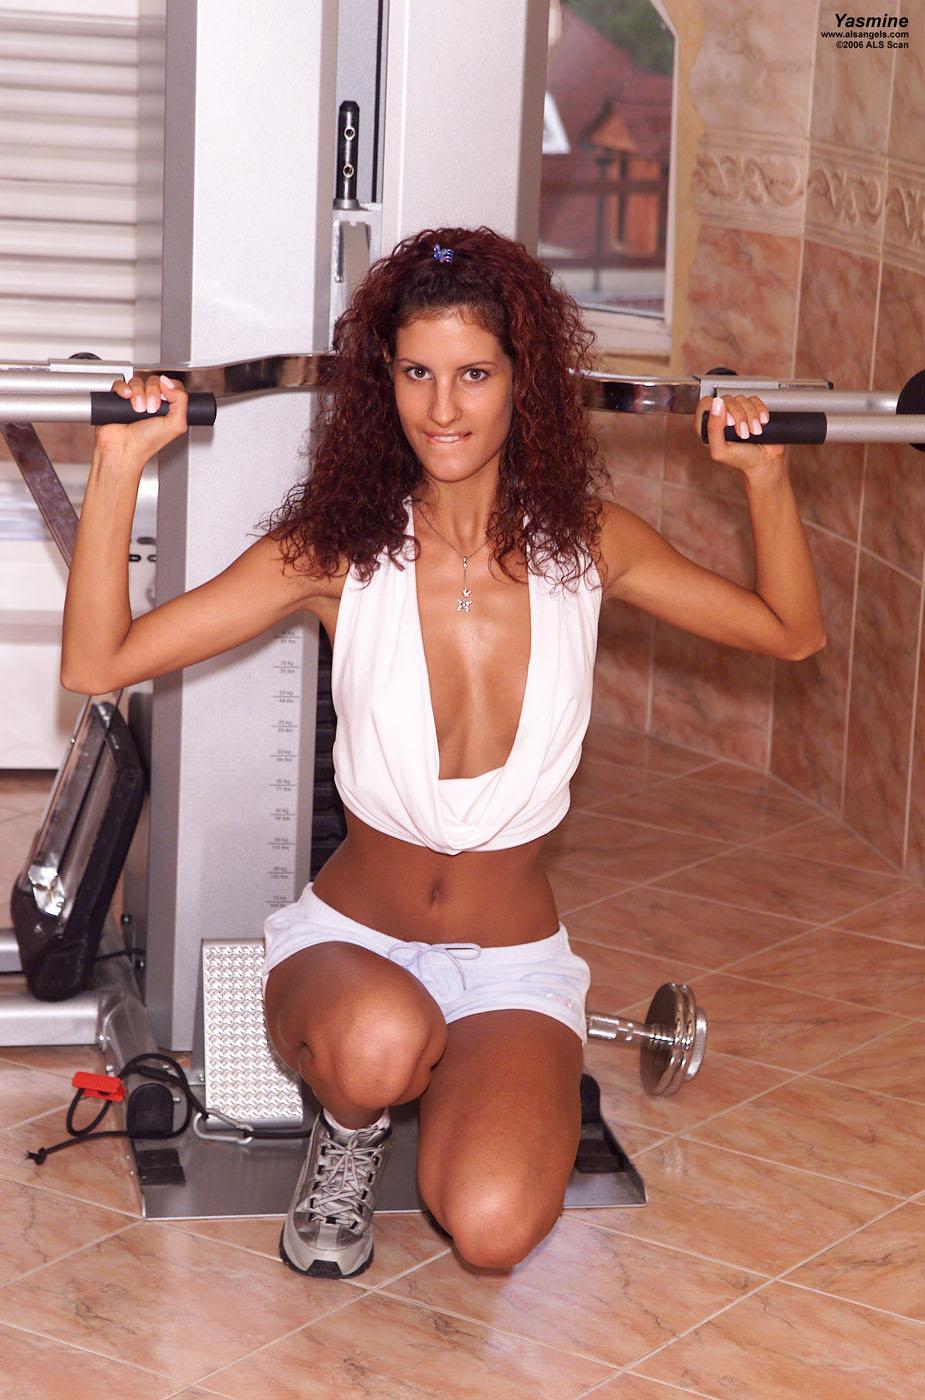 Yasmine - Yasmine Works Out